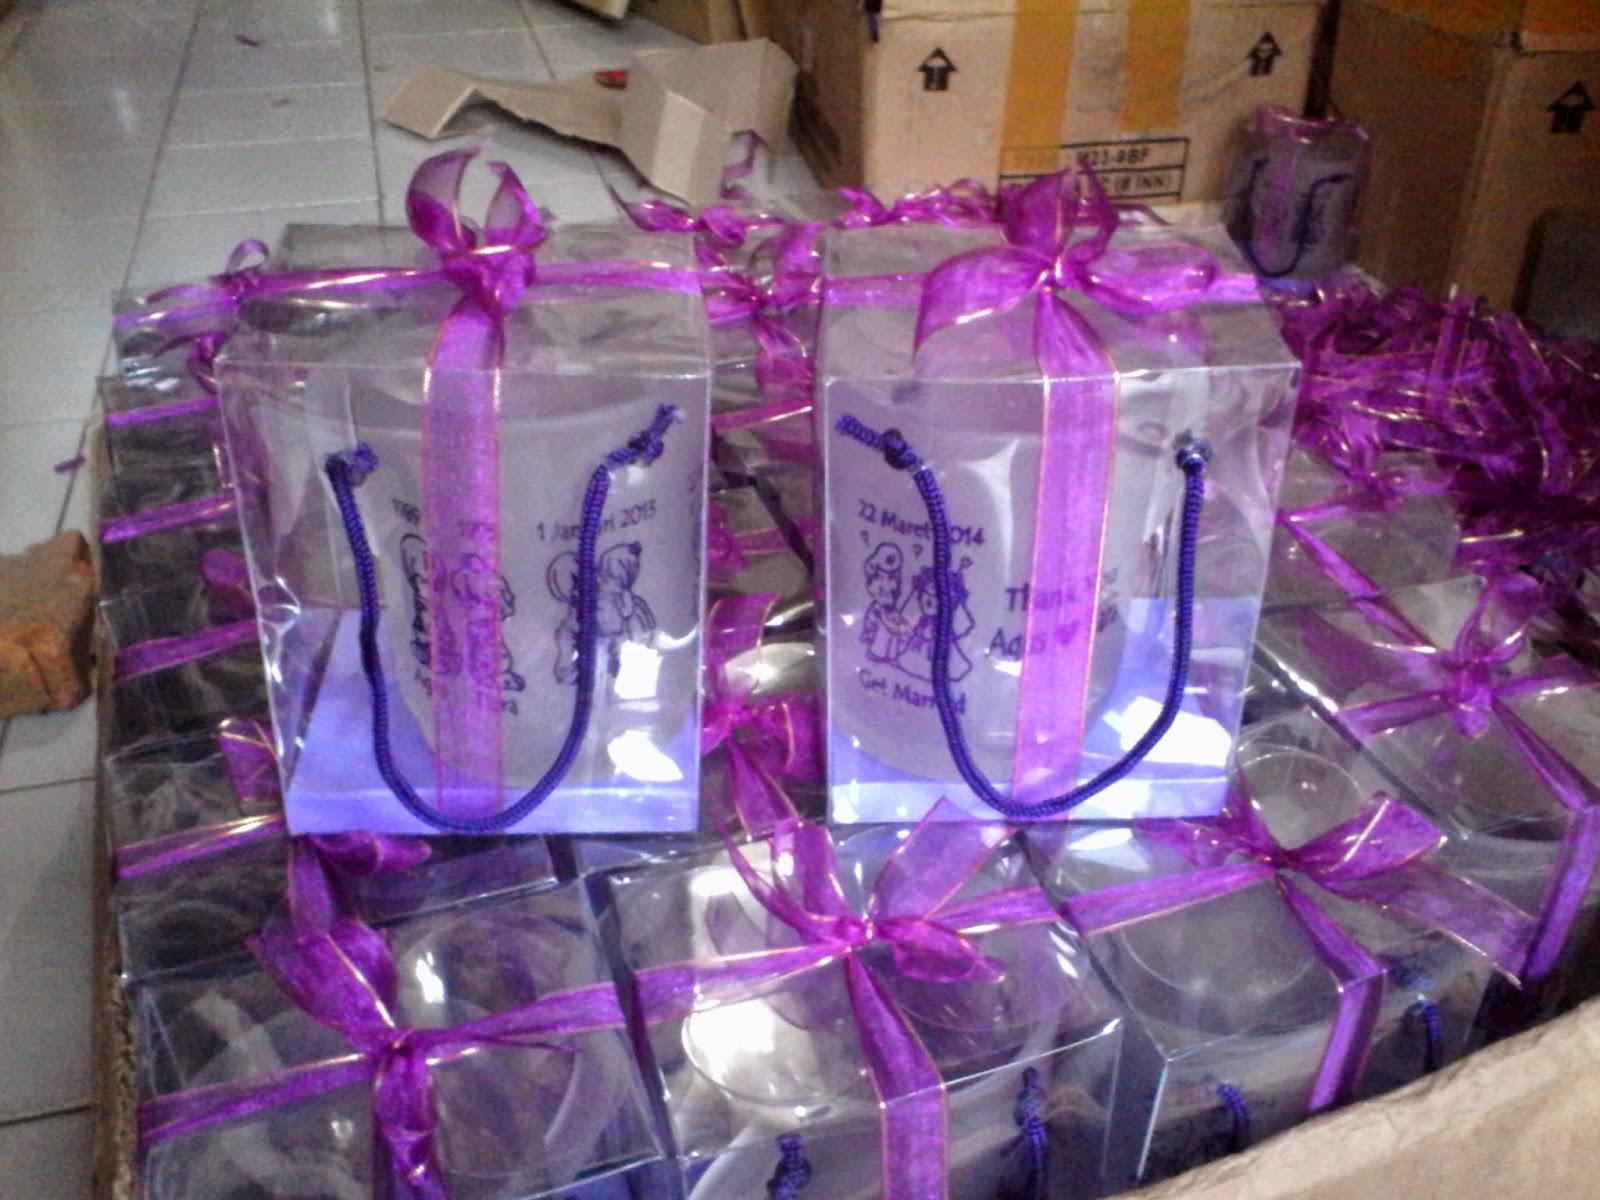 Yanti Souvenir Produksi Gelas Sablon Tangkai Pita Serut Gagang Doff Cetak 1 Warna 4 Gambar Rp 3700 Pcs Kemas Plastik Rp100 Tile Rp600 Mika Rp1700